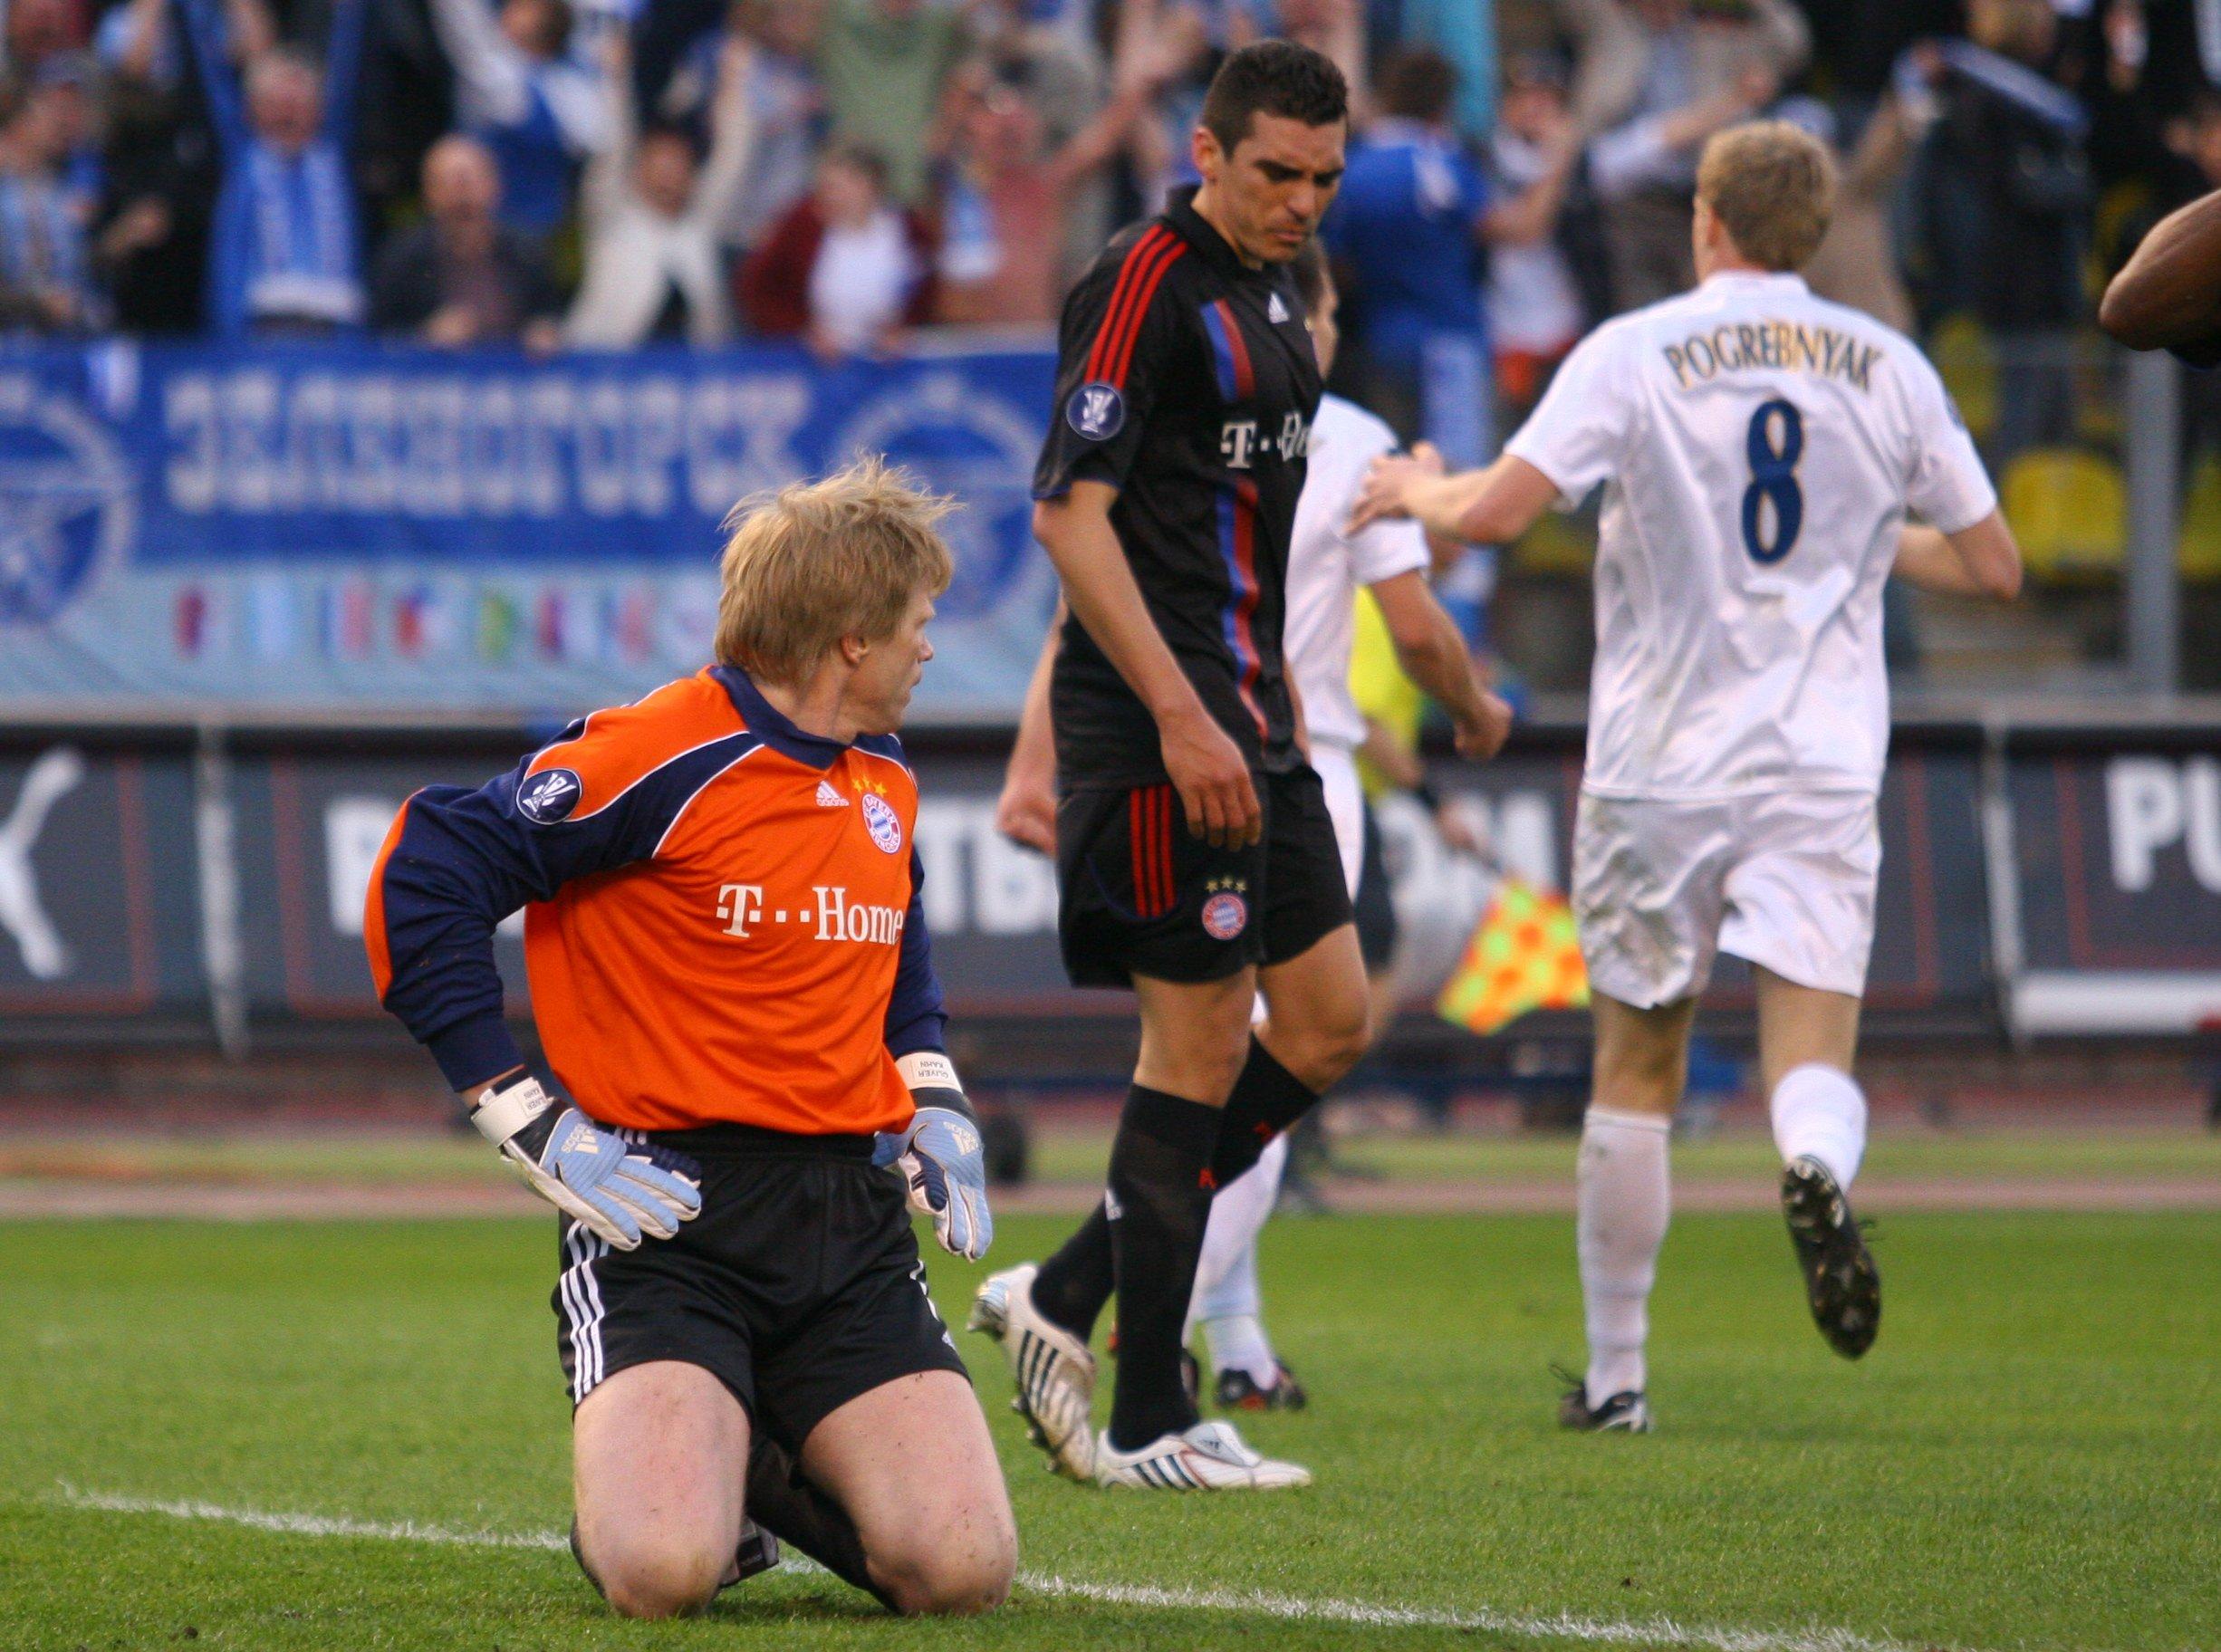 13 лет назад «Зенит» сделал первый шаг к финалу Кубка УЕФА. Взял результативную ничью в Мюнхене, сыграв без замен